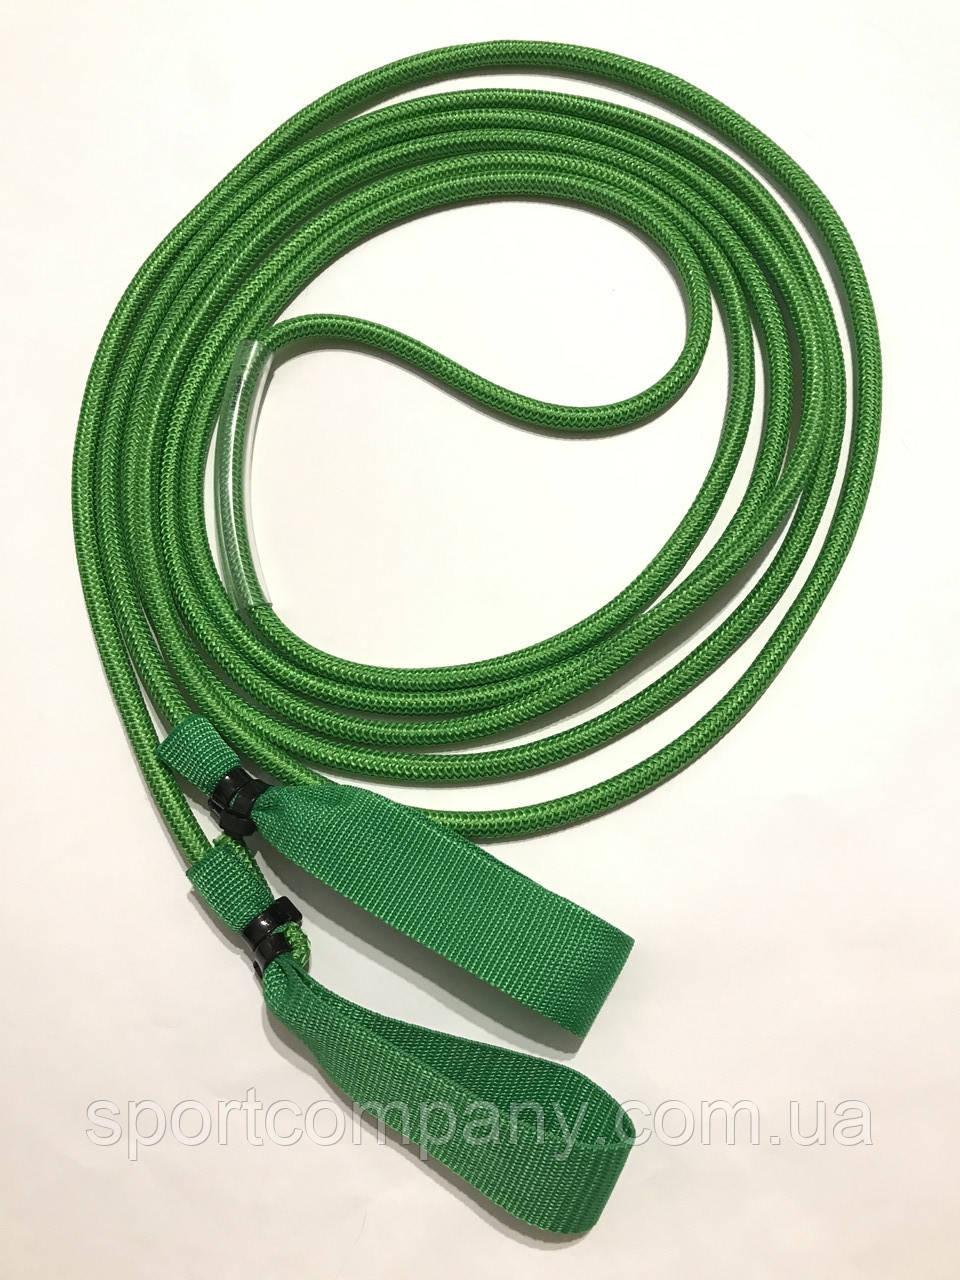 Эспандер для лыжника, боксера, пловца и фитнеса с ручками 10 мм, зеленый, 2 метра.